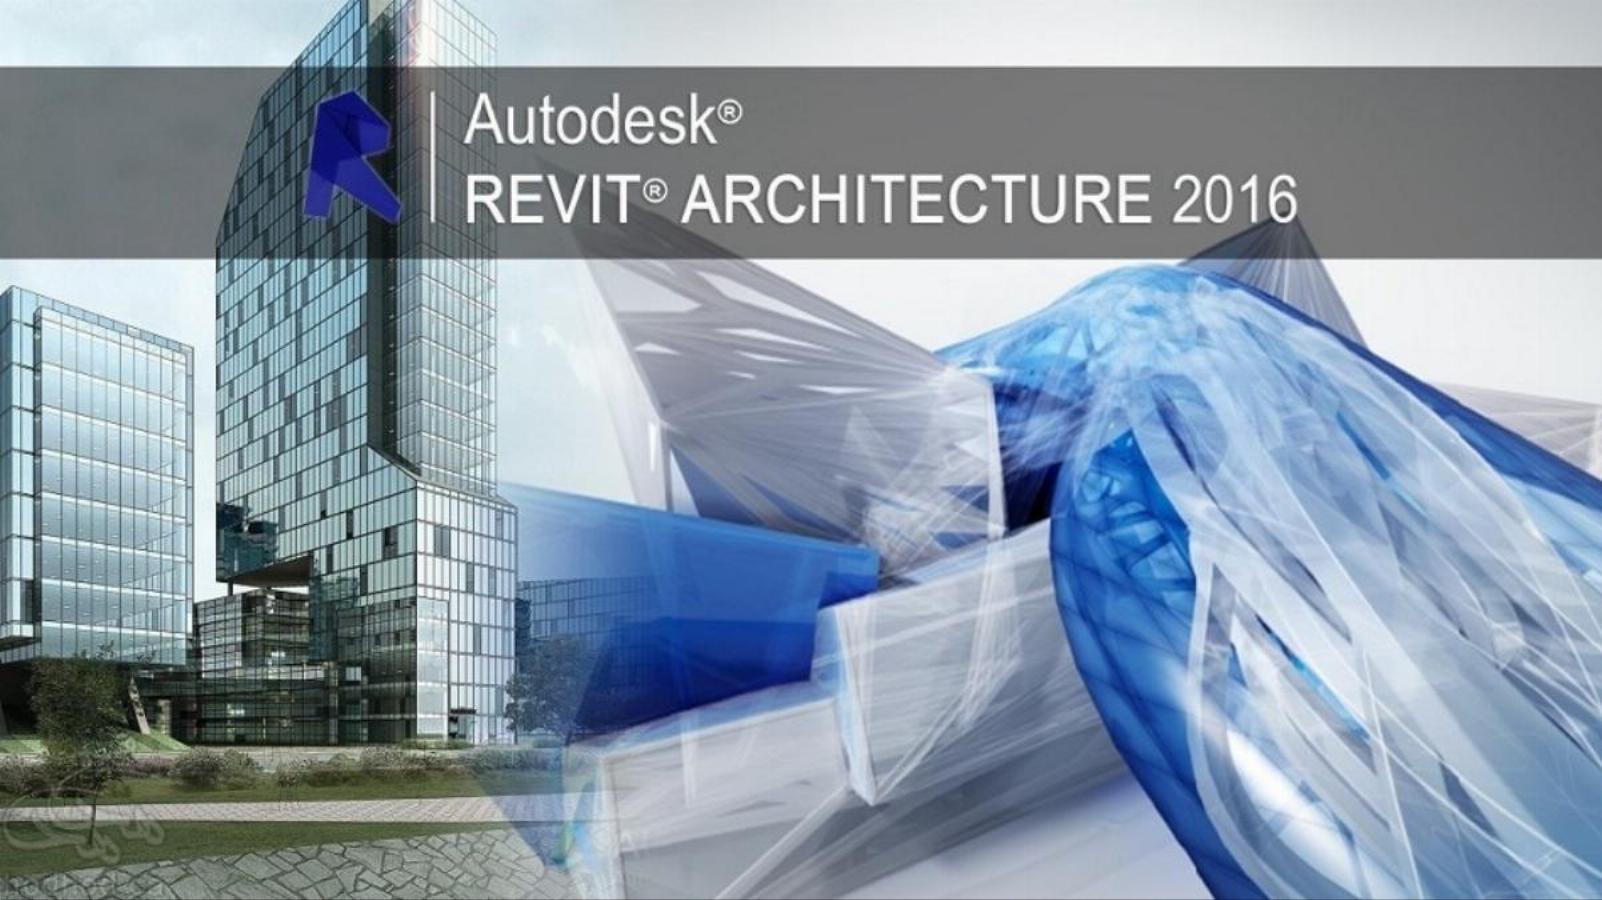 معرفی نرم افزار Autodesk Revit و موقعیت های شغلی آن در کانادا